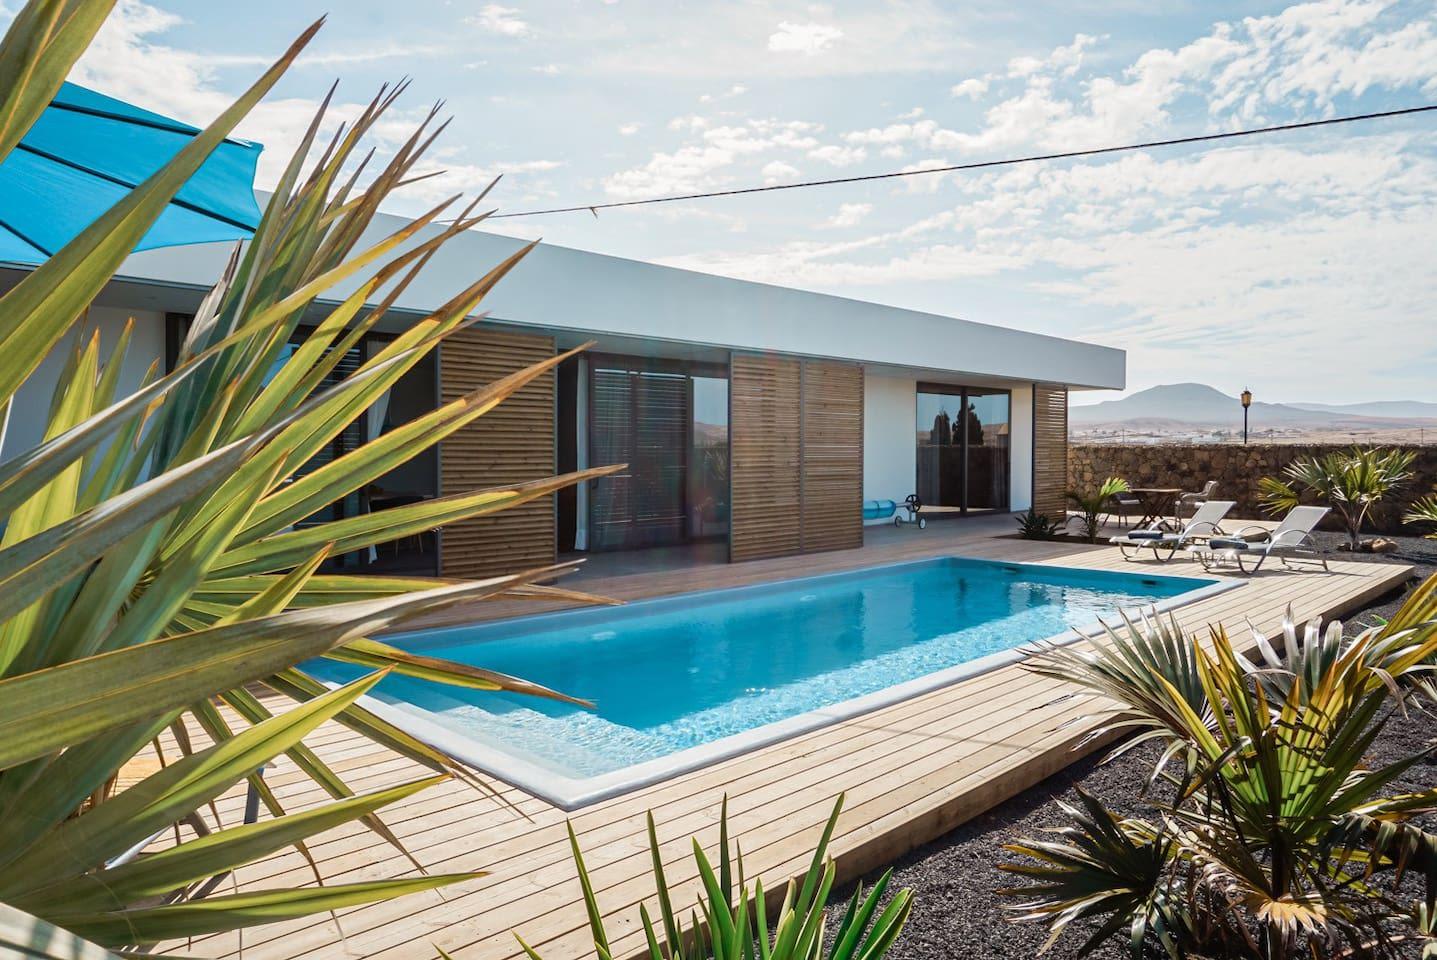 Villa Nerea - modern villa with heated pool!